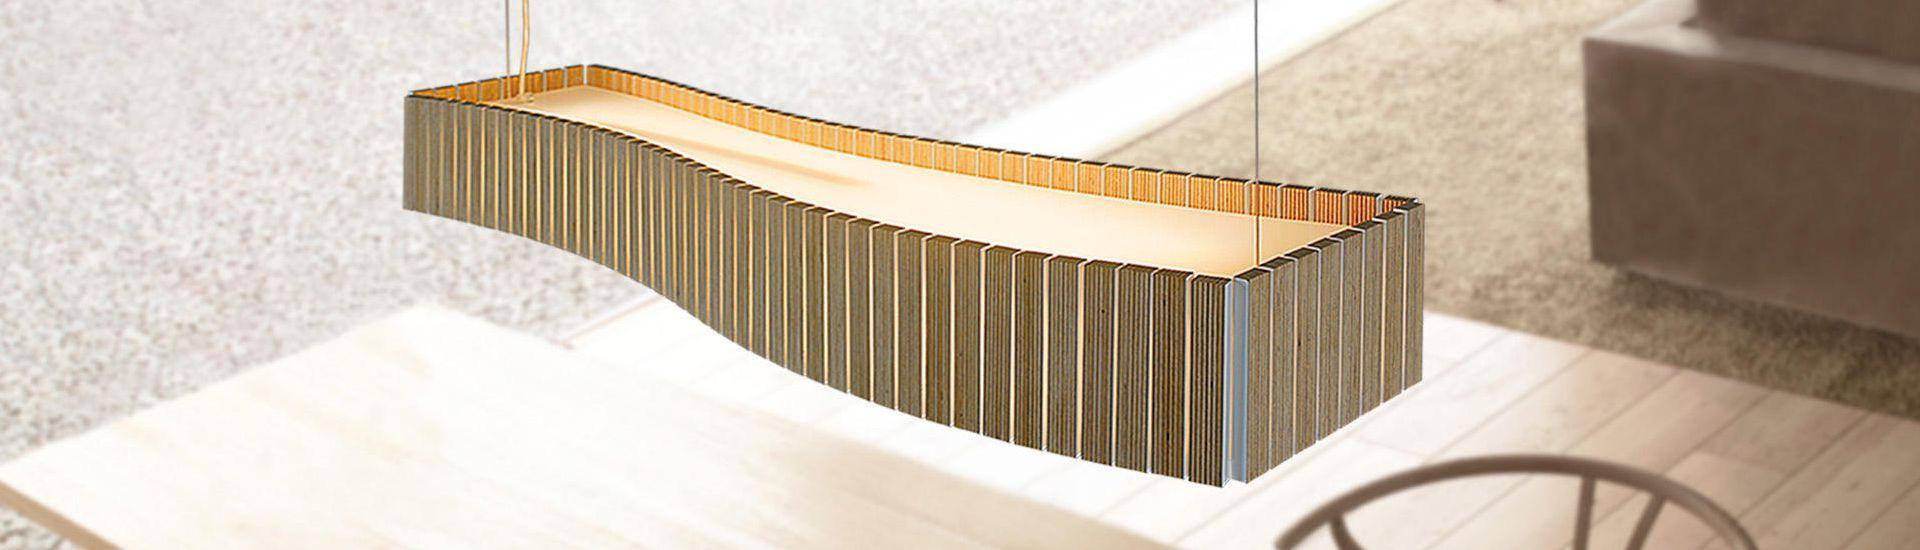 Uxi Pendant Lamp 2x39W tablero marino